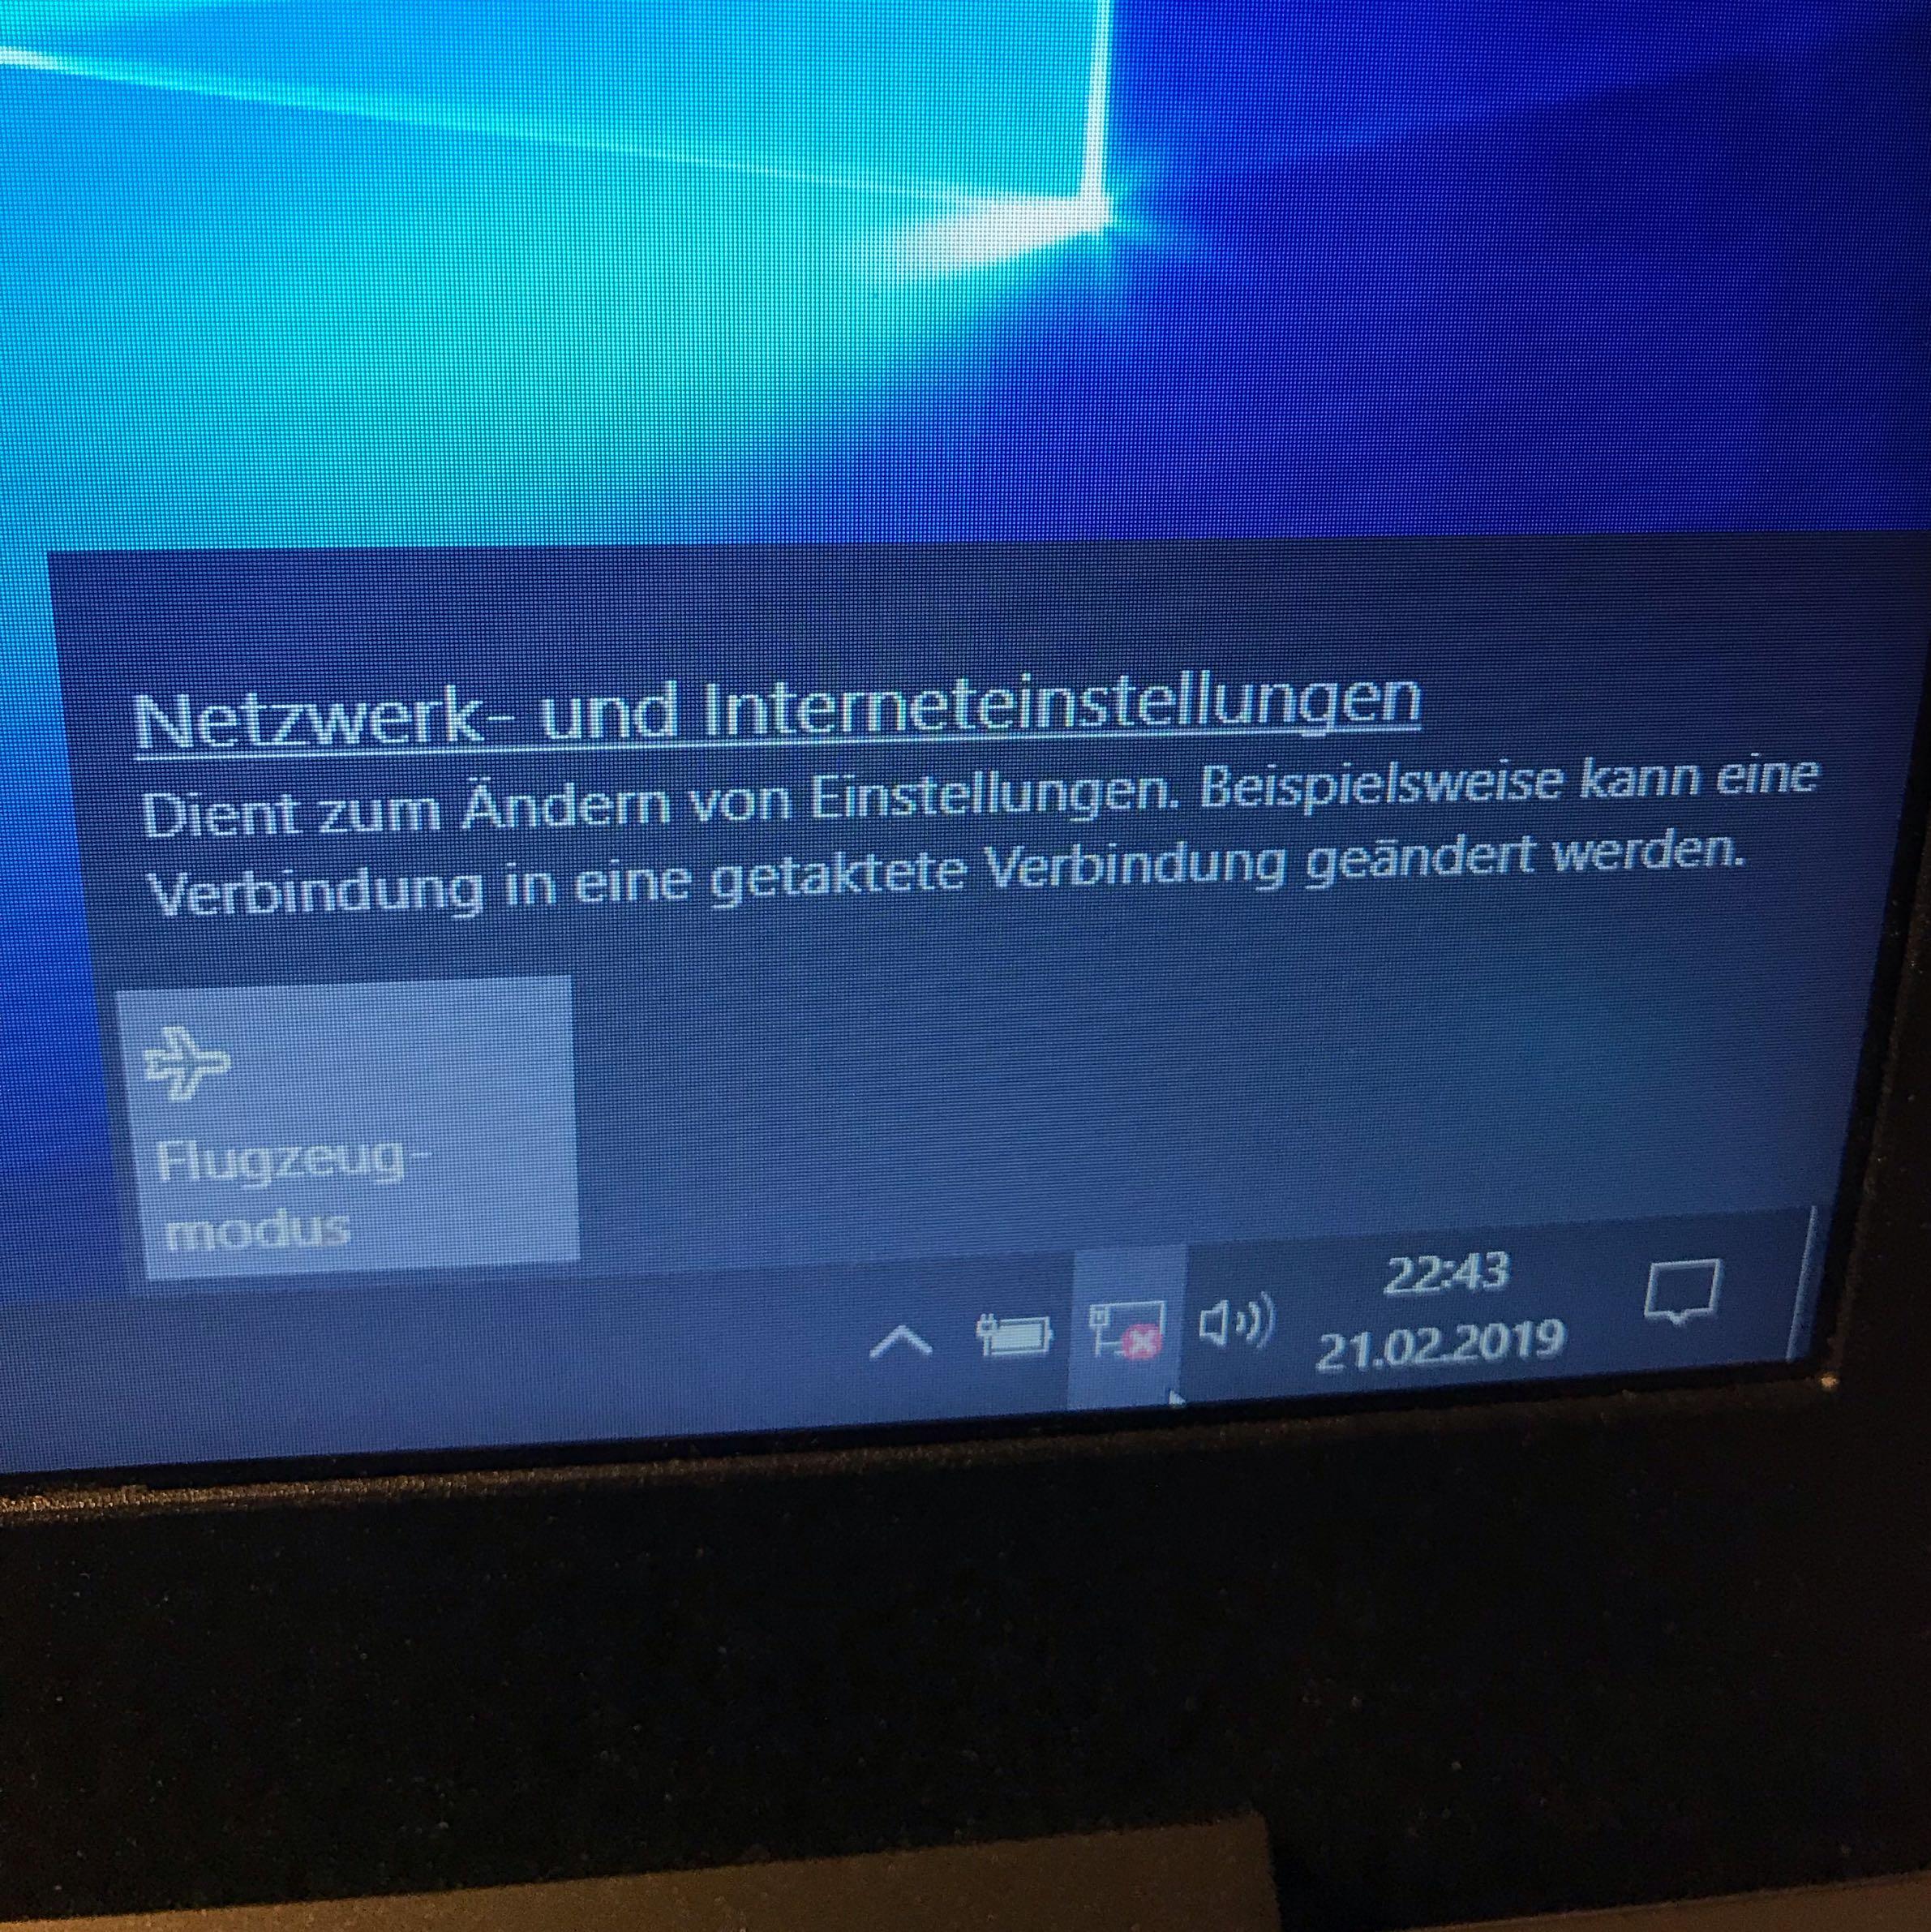 Pc Findet Netzwerk Nicht